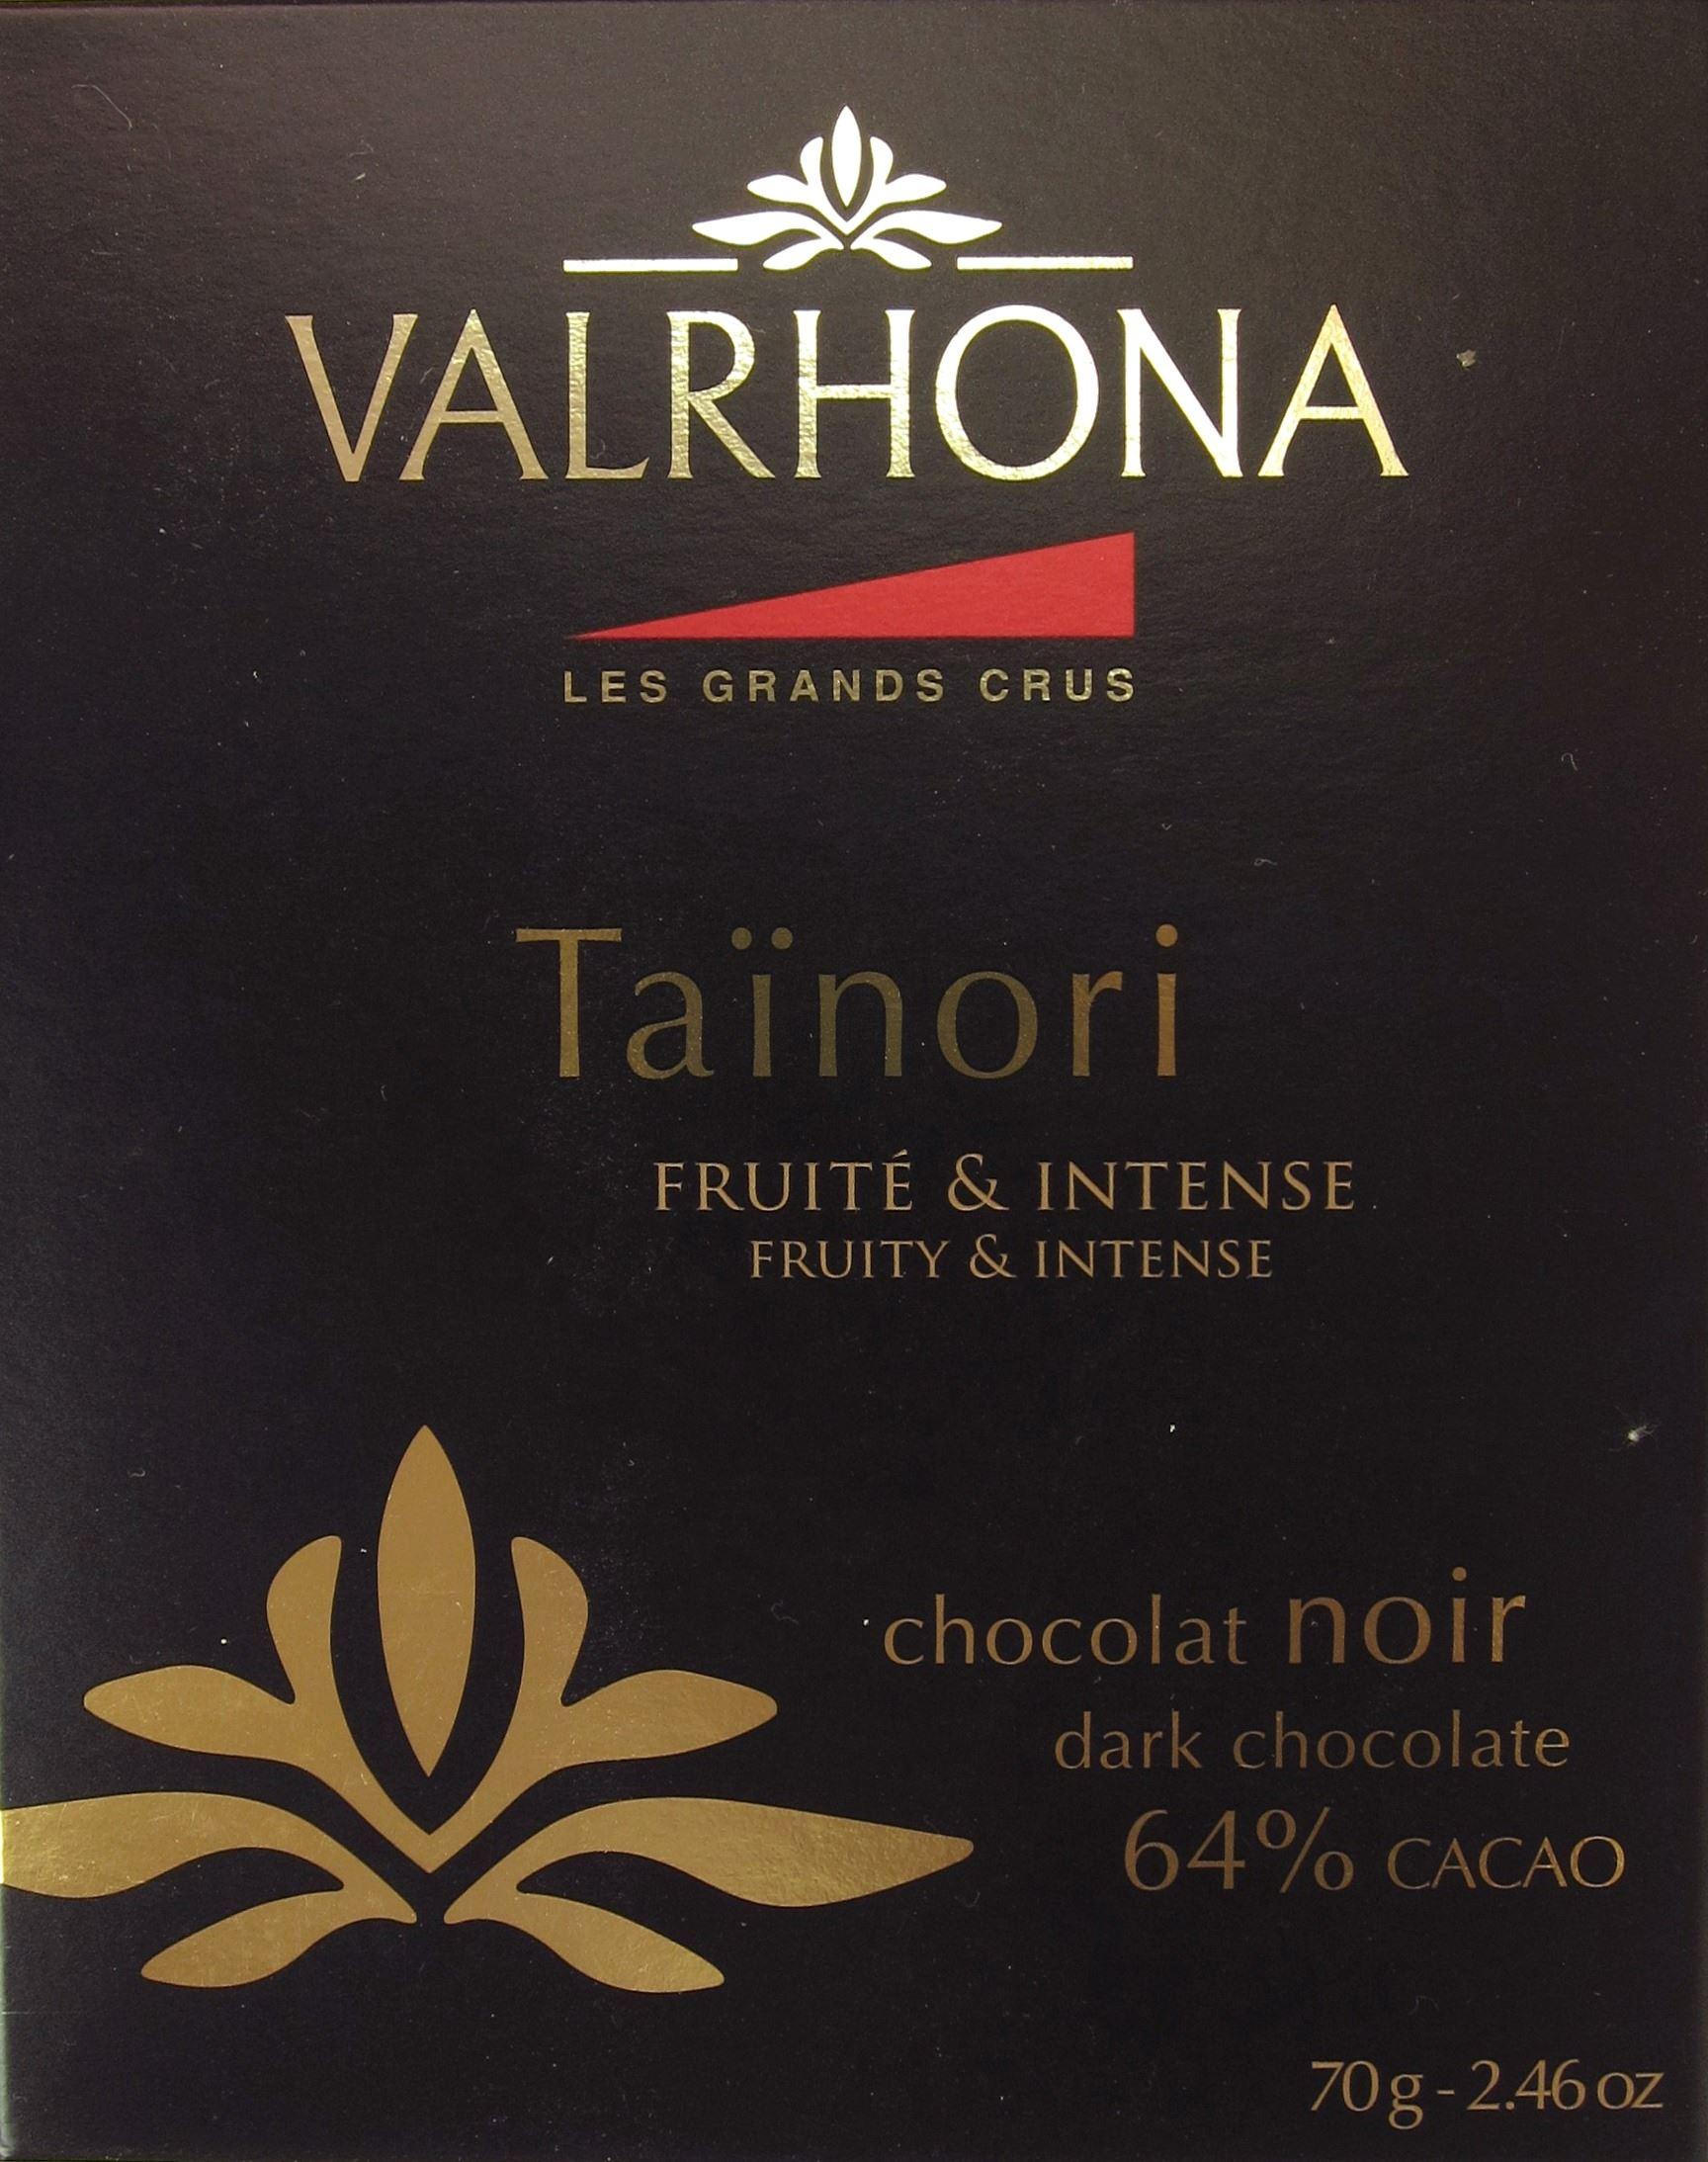 Valrhona-Schokolade aus der Dominikanischen Republik